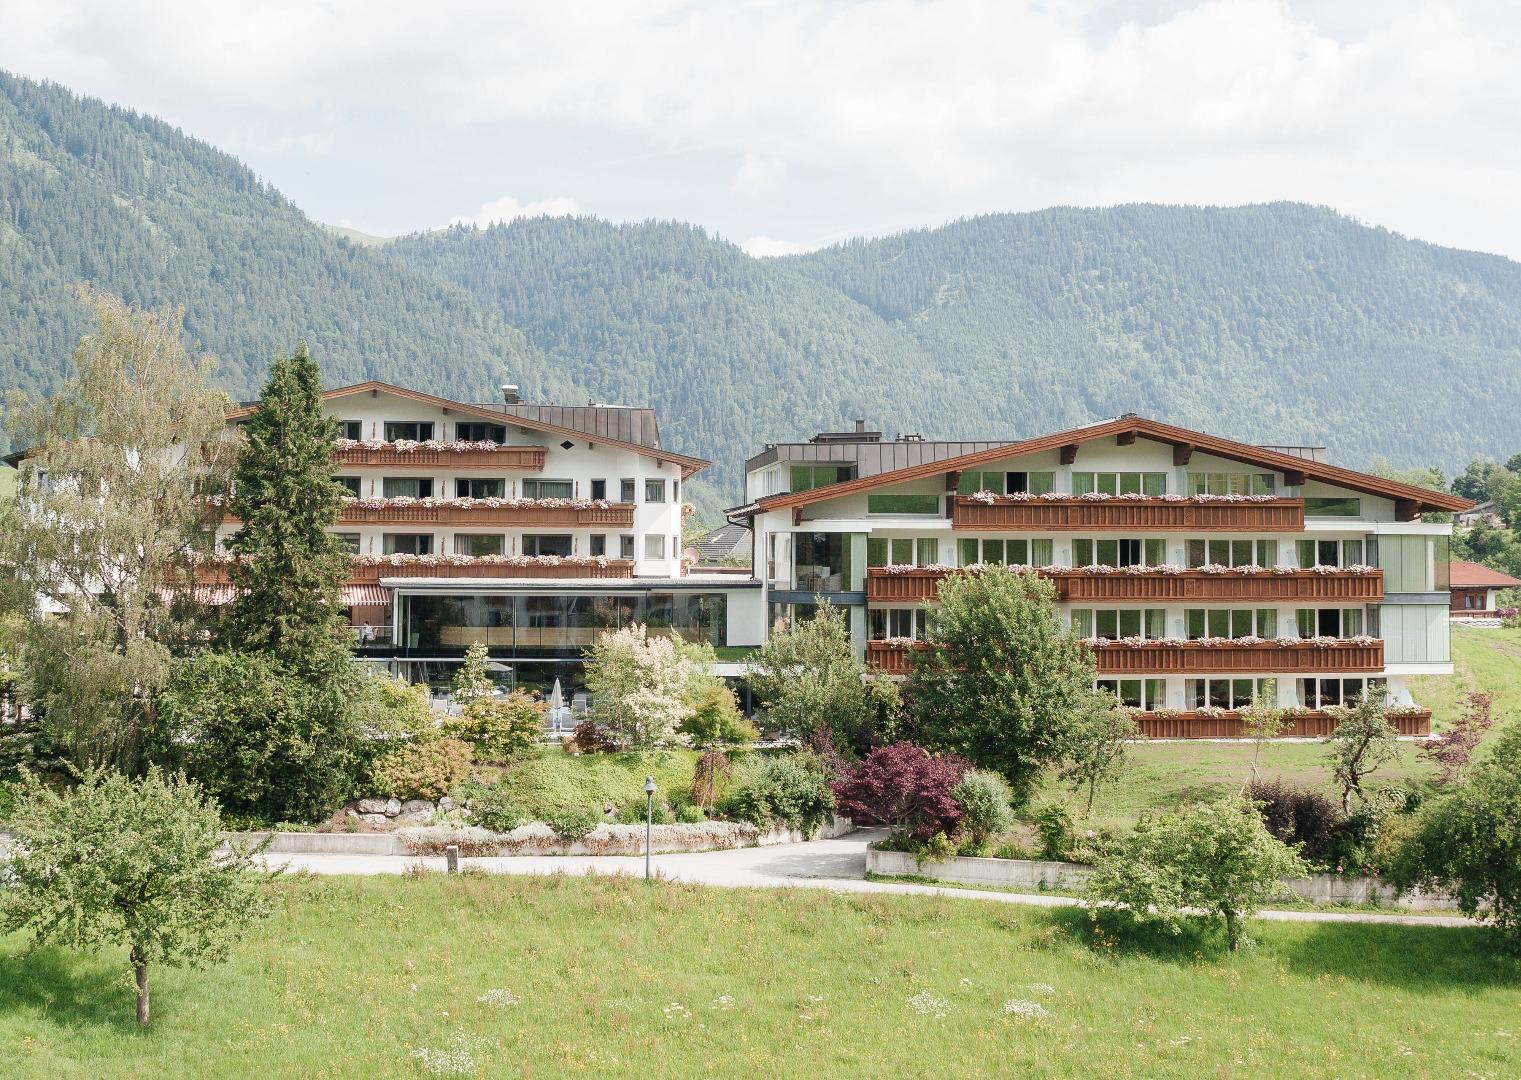 Ohrakupunktur: Foto vom Wellnesshotel Juffing Hotel & Spa | Wellness Tirol